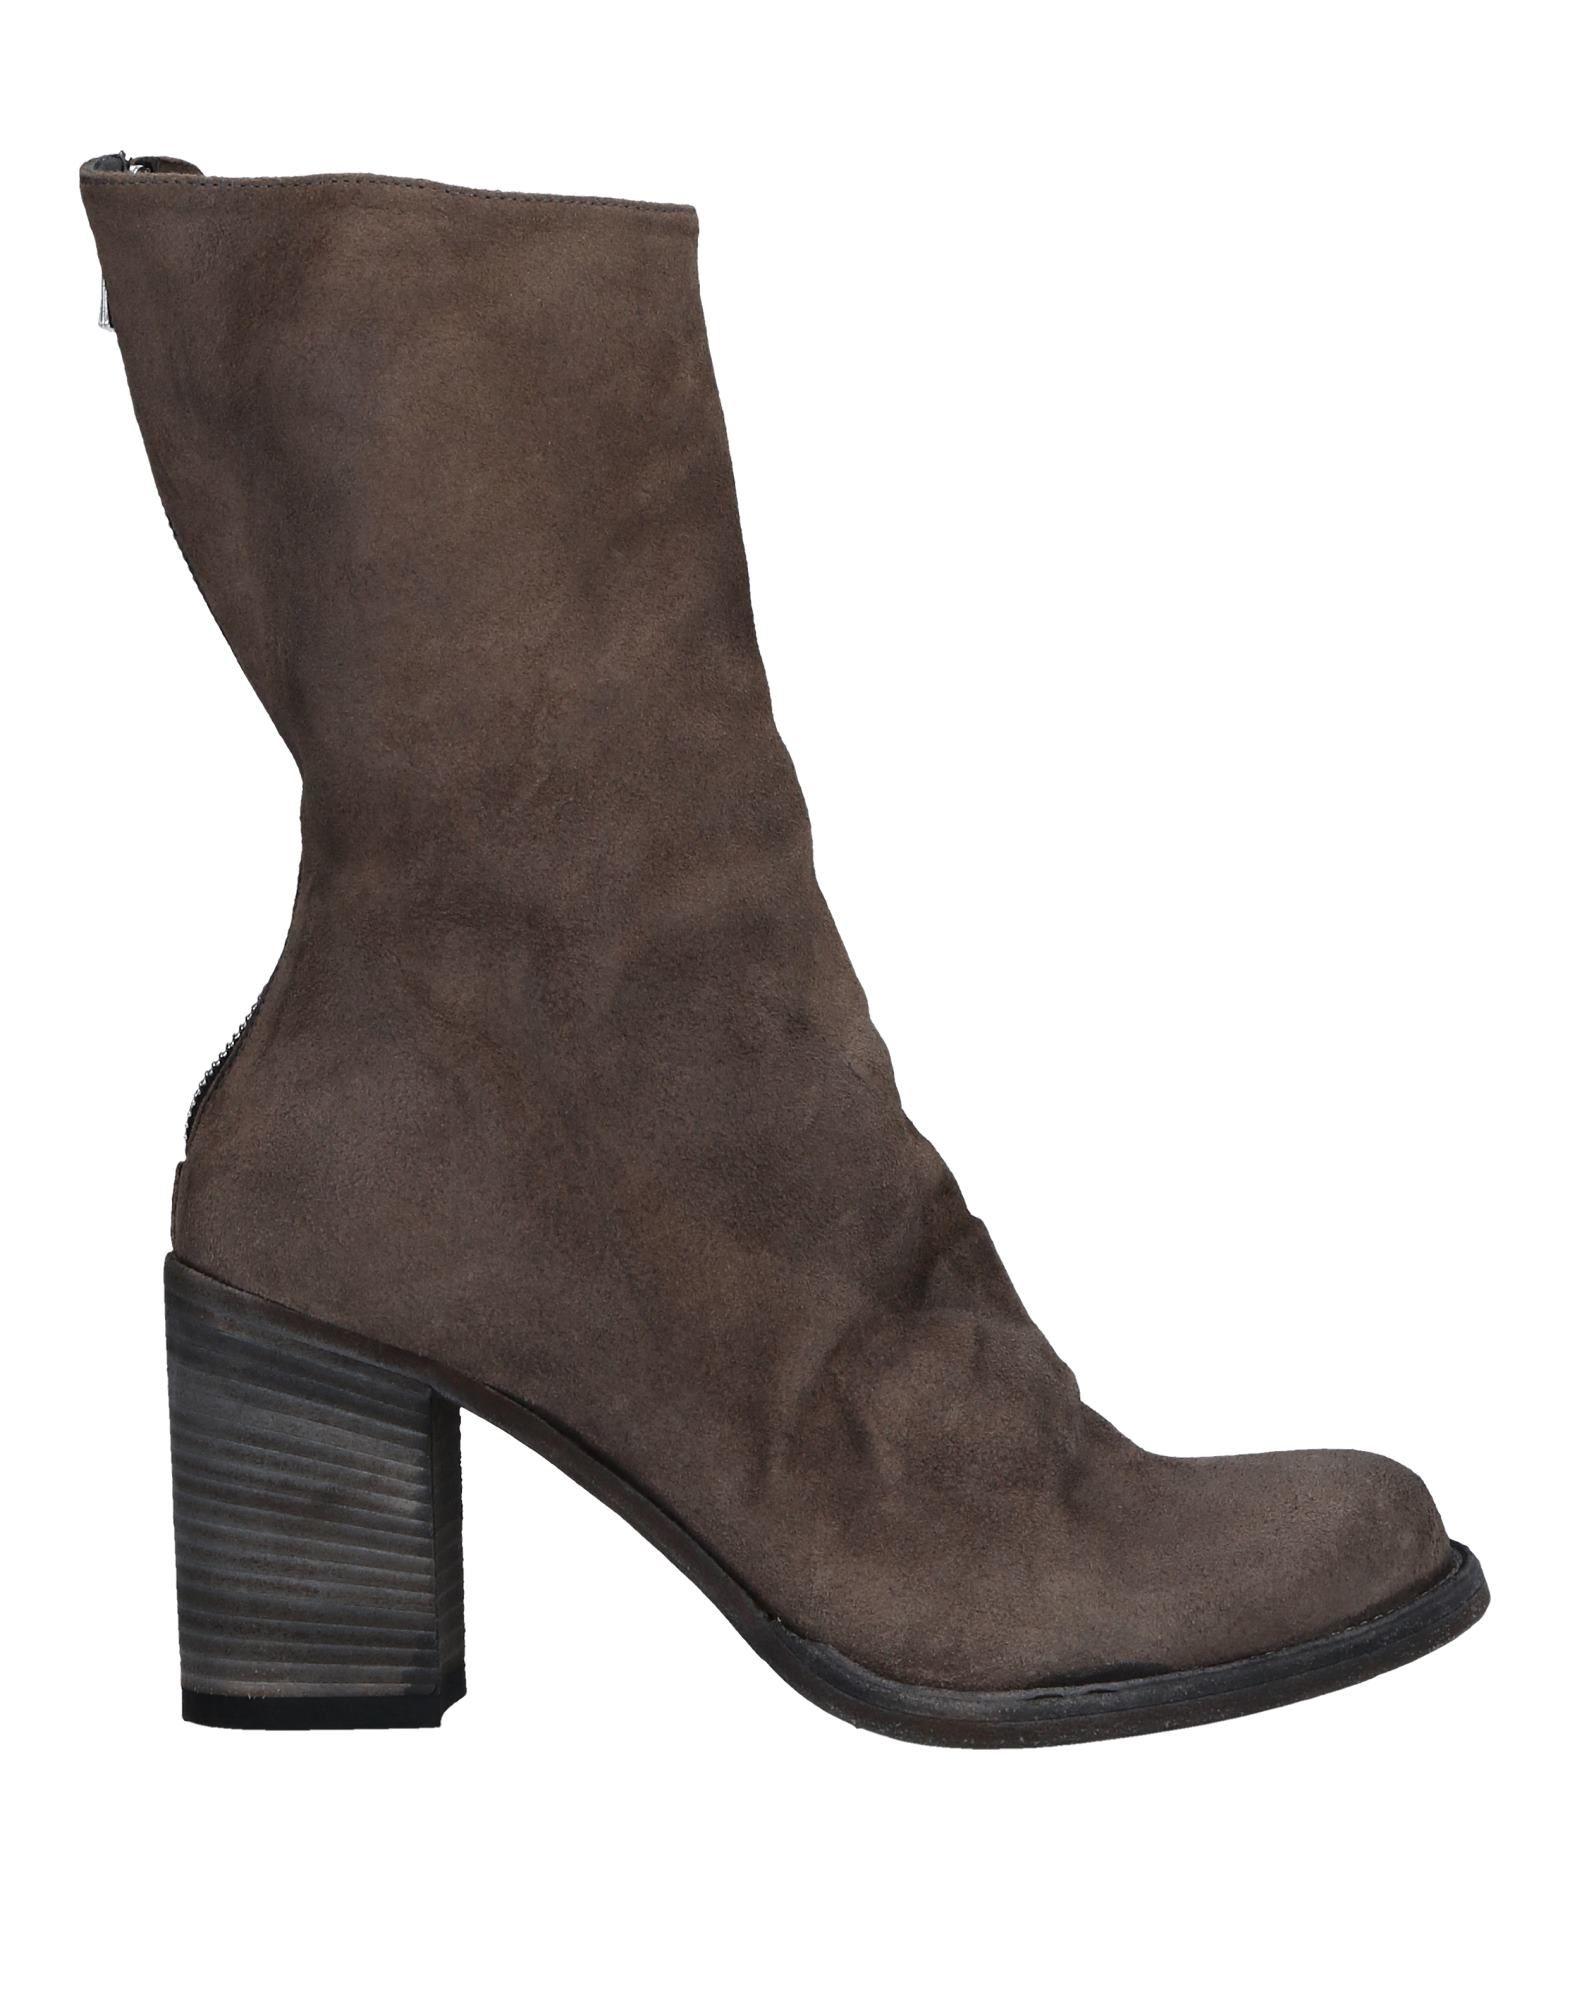 Officine Creative Italia Stiefelette Damen  11517216FEGünstige gut aussehende Schuhe